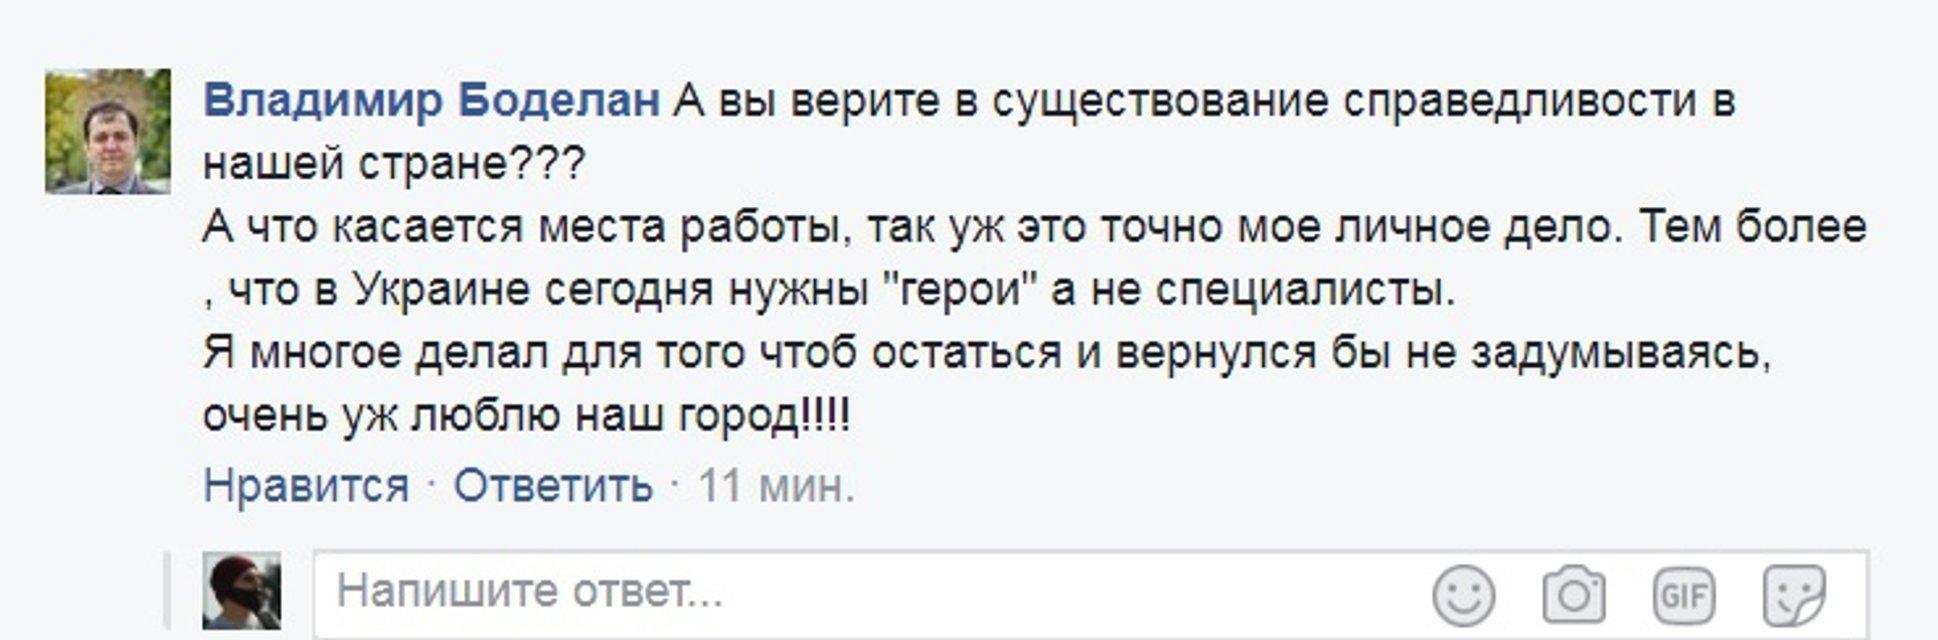 Пожарный по стране: Как «герои 2 мая» бегают от украинского правосудия - фото 64120